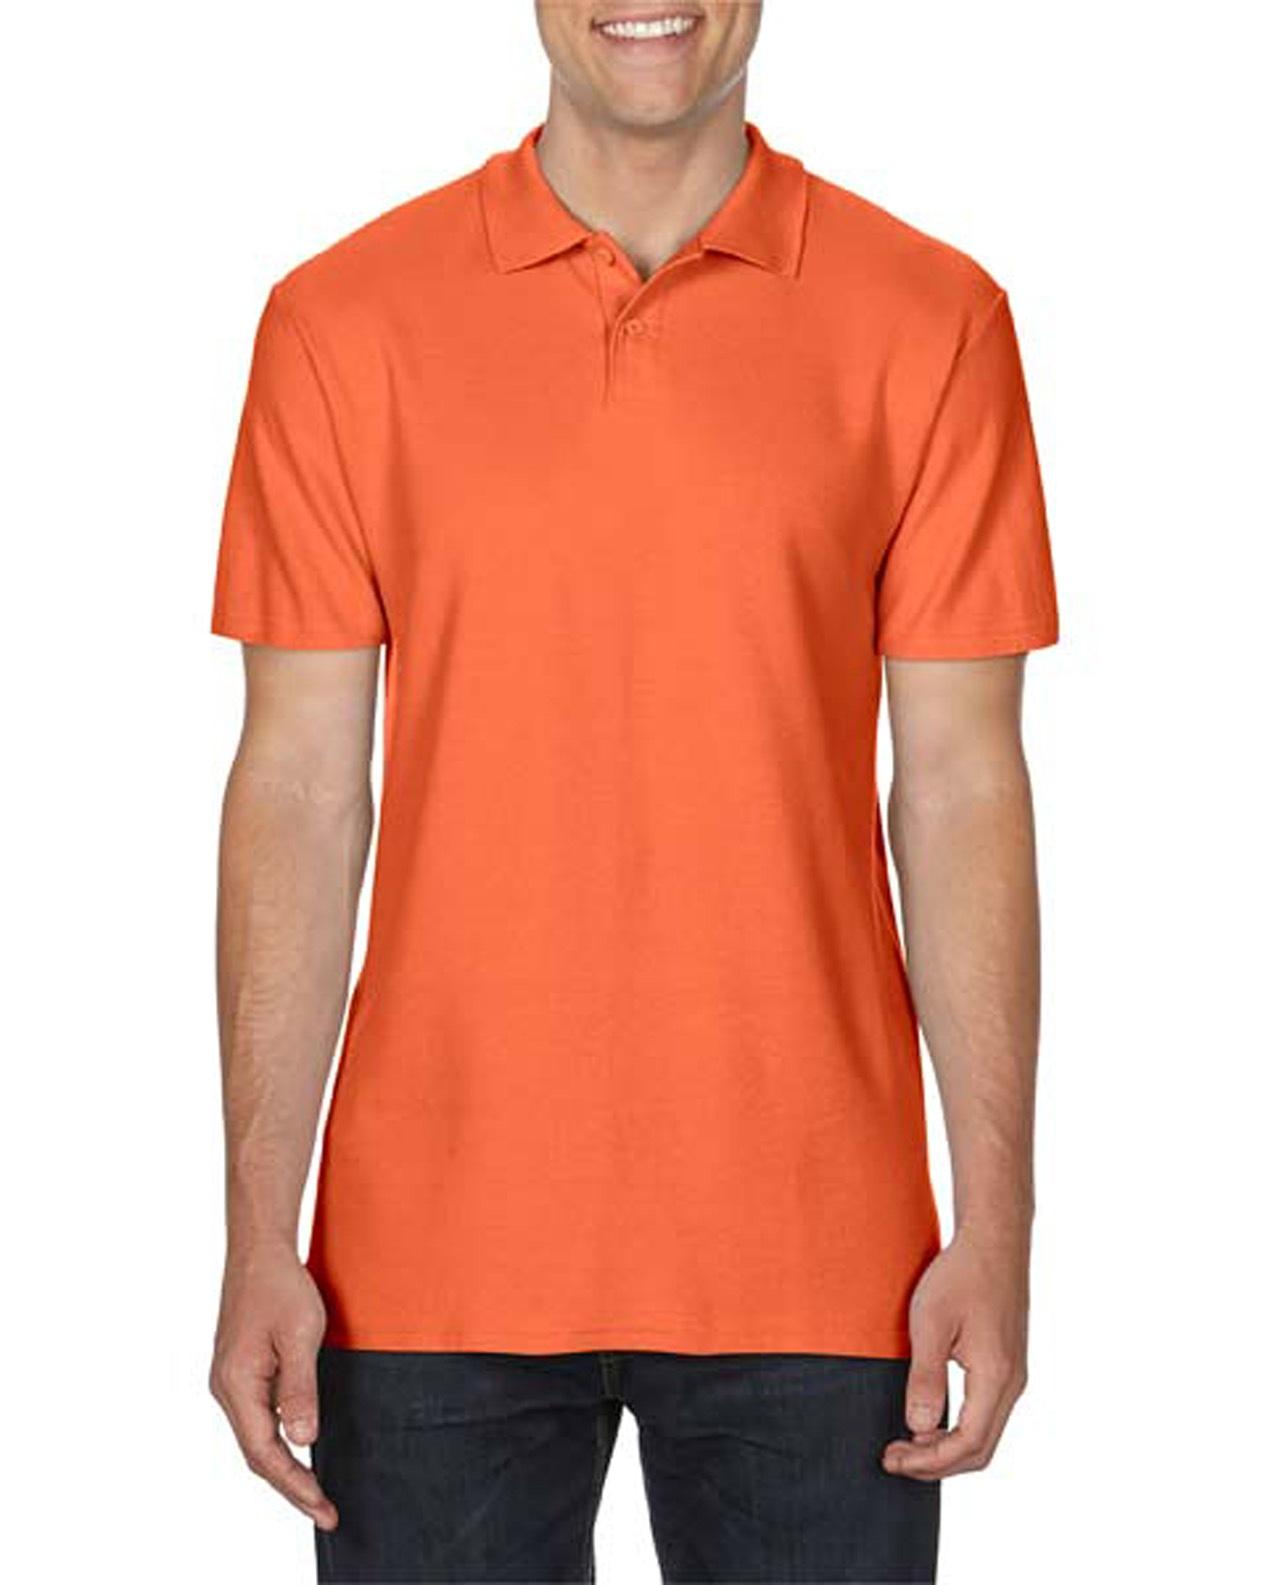 100 cotton Gildan polo shirt orange